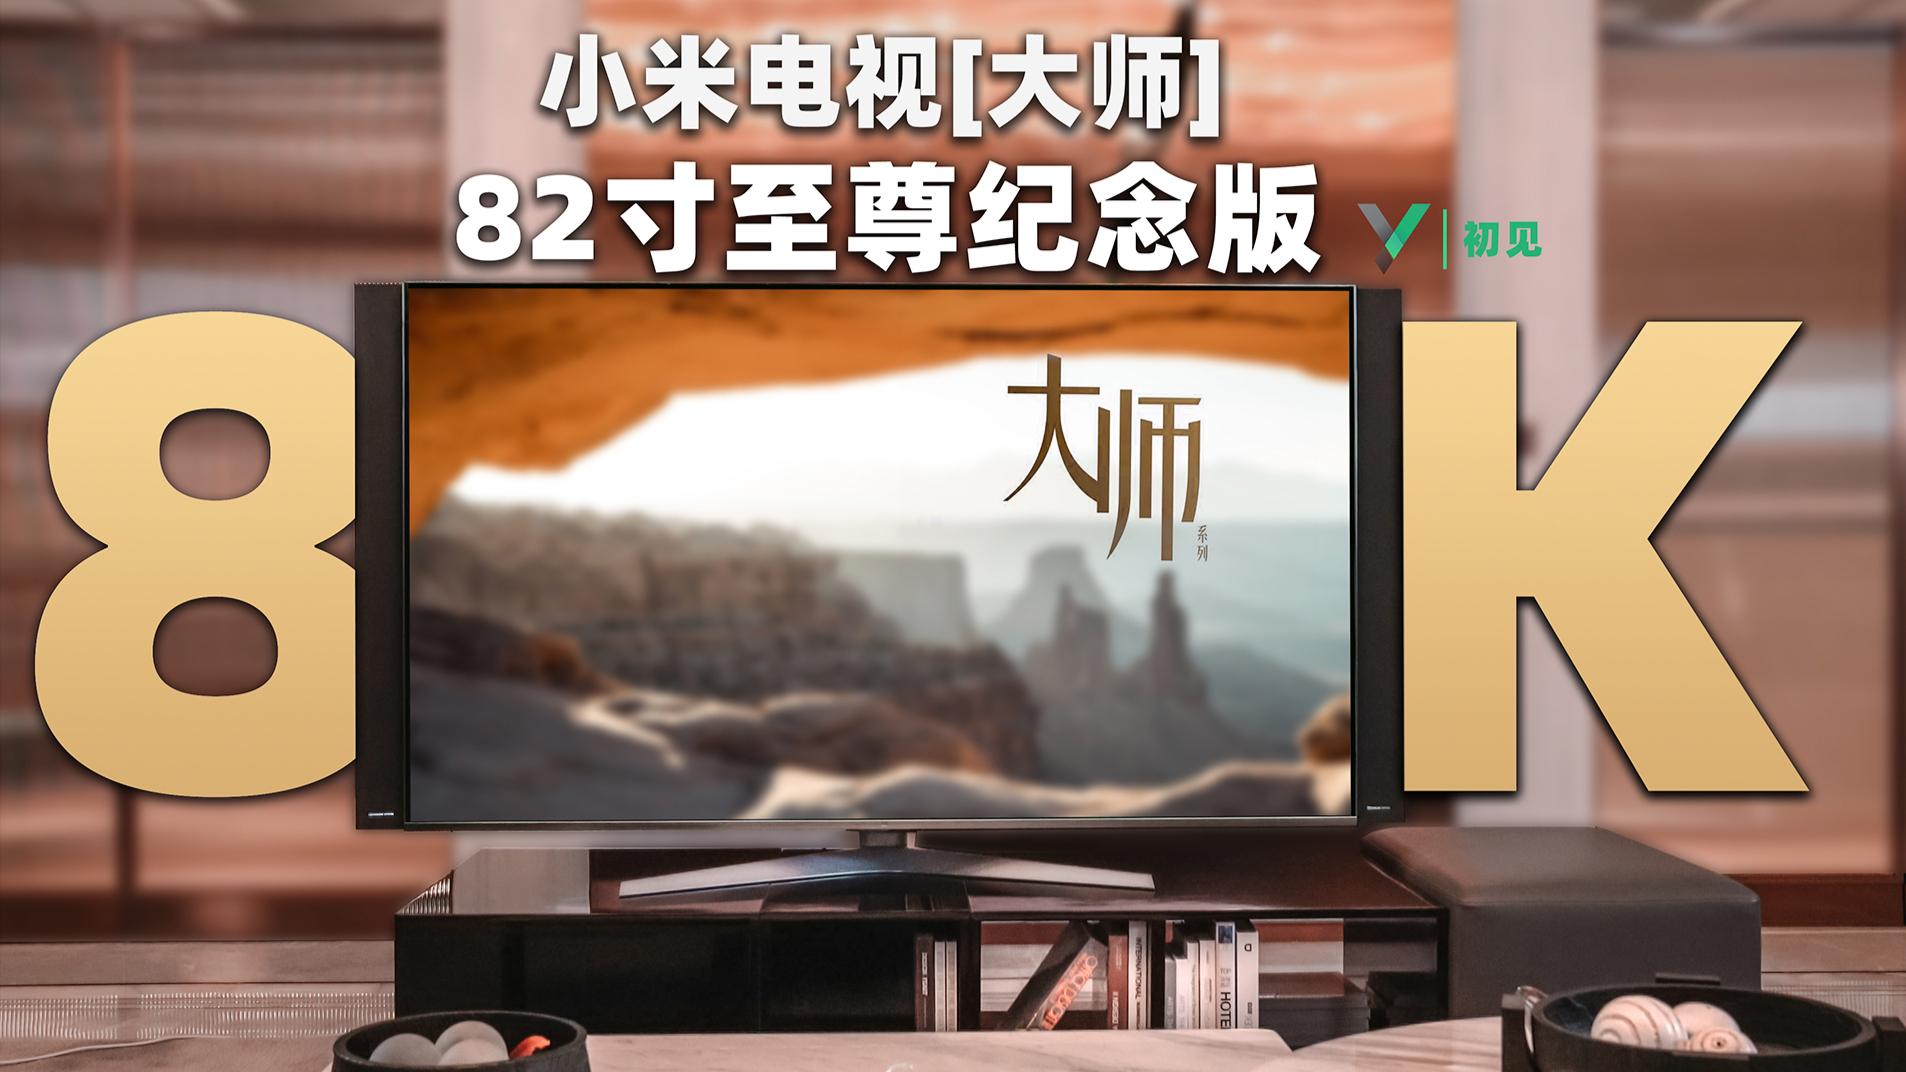 【初见】小米电视『大师』82寸双体验:4K丝毫毕现,8K栩栩如生